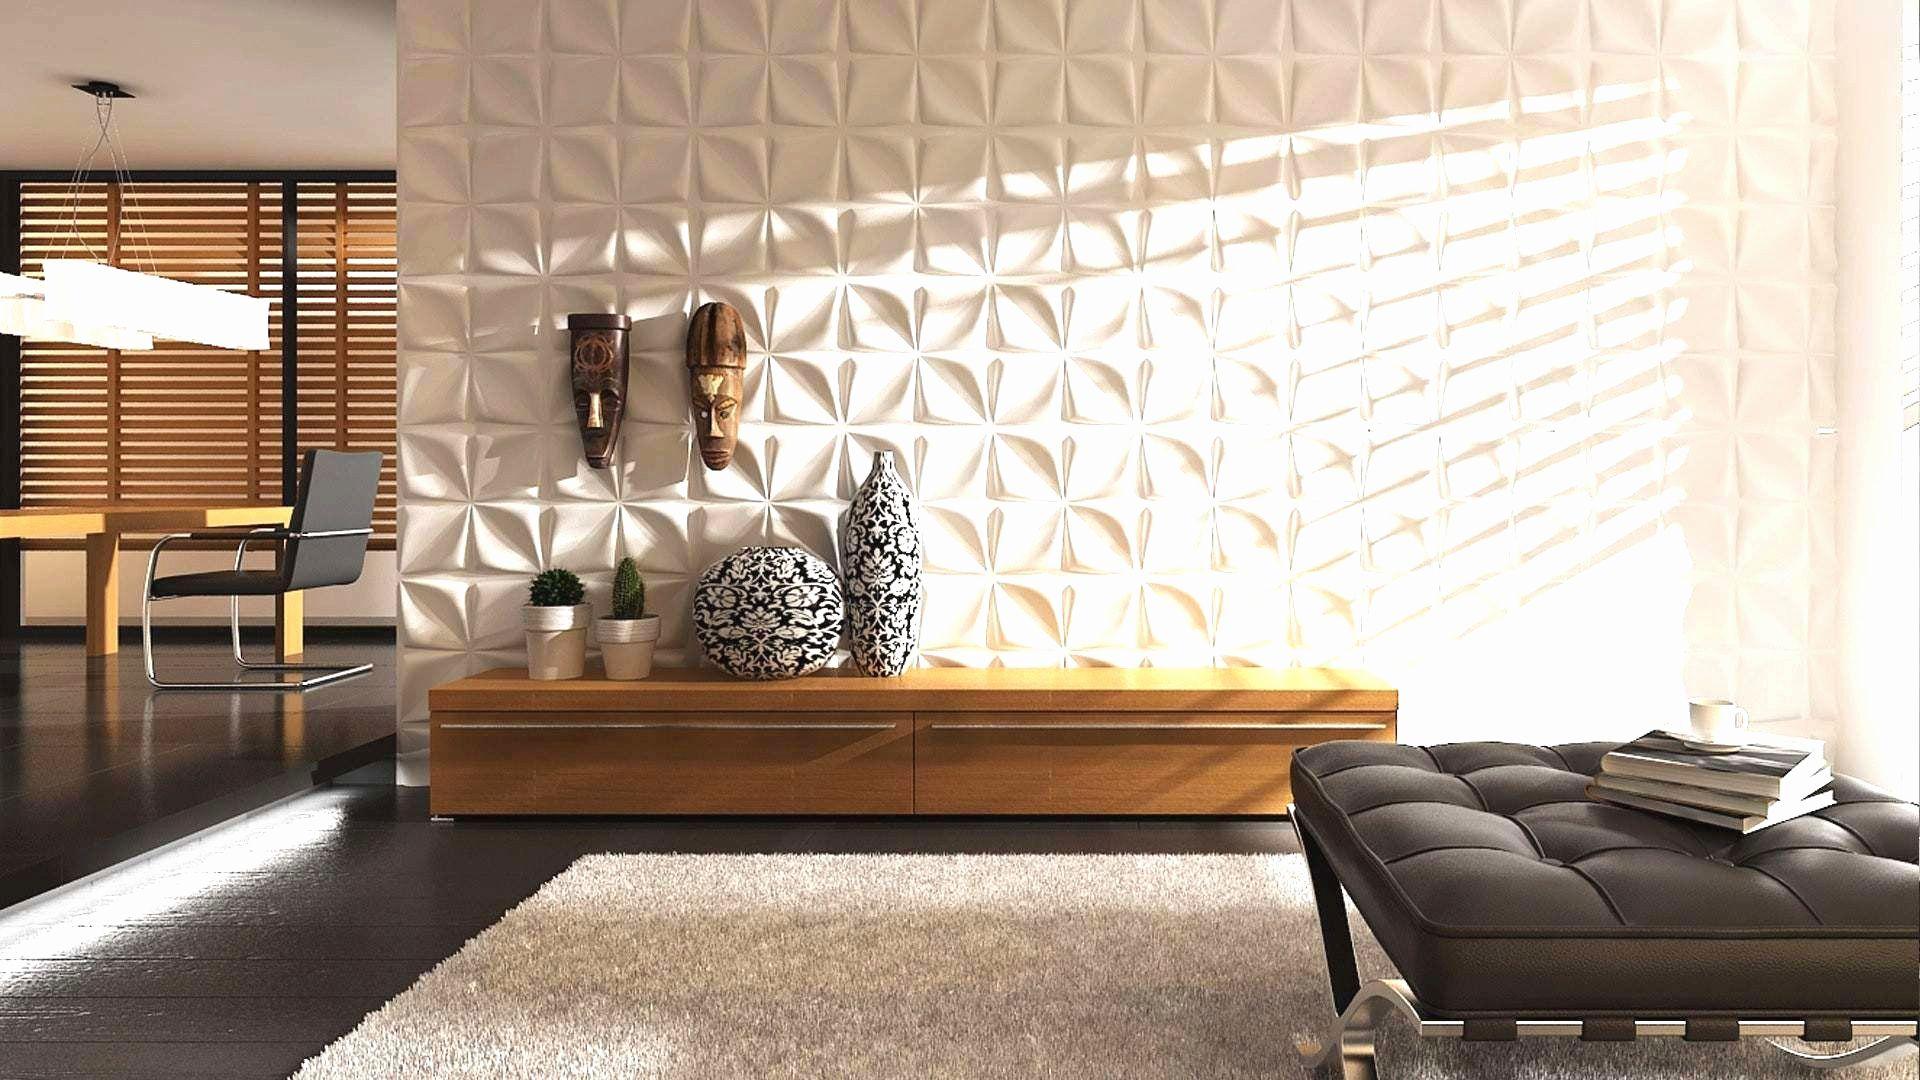 Full Size of Wandgestaltung Tapeten Wohnzimmer Ideen Tapete Dekorationsideen Deckenlampen Modern Teppich Bad Renovieren Vorhänge Deckenleuchte Sideboard Schlafzimmer Wohnzimmer Wandgestaltung Tapeten Wohnzimmer Ideen